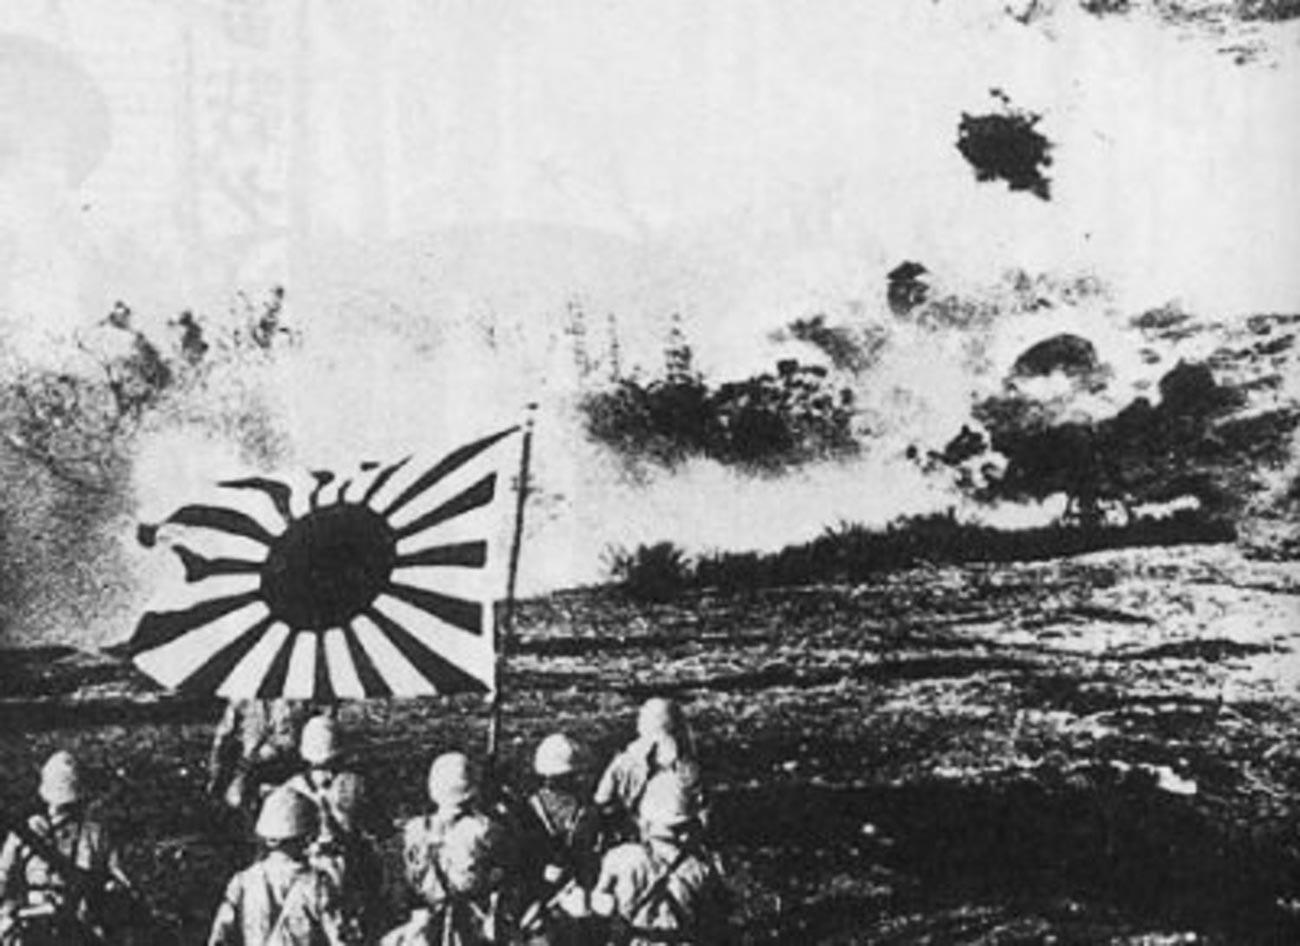 Japanische Marine-Landungstruppe sprengt chinesische Pillendose während der Kanton-Operation.